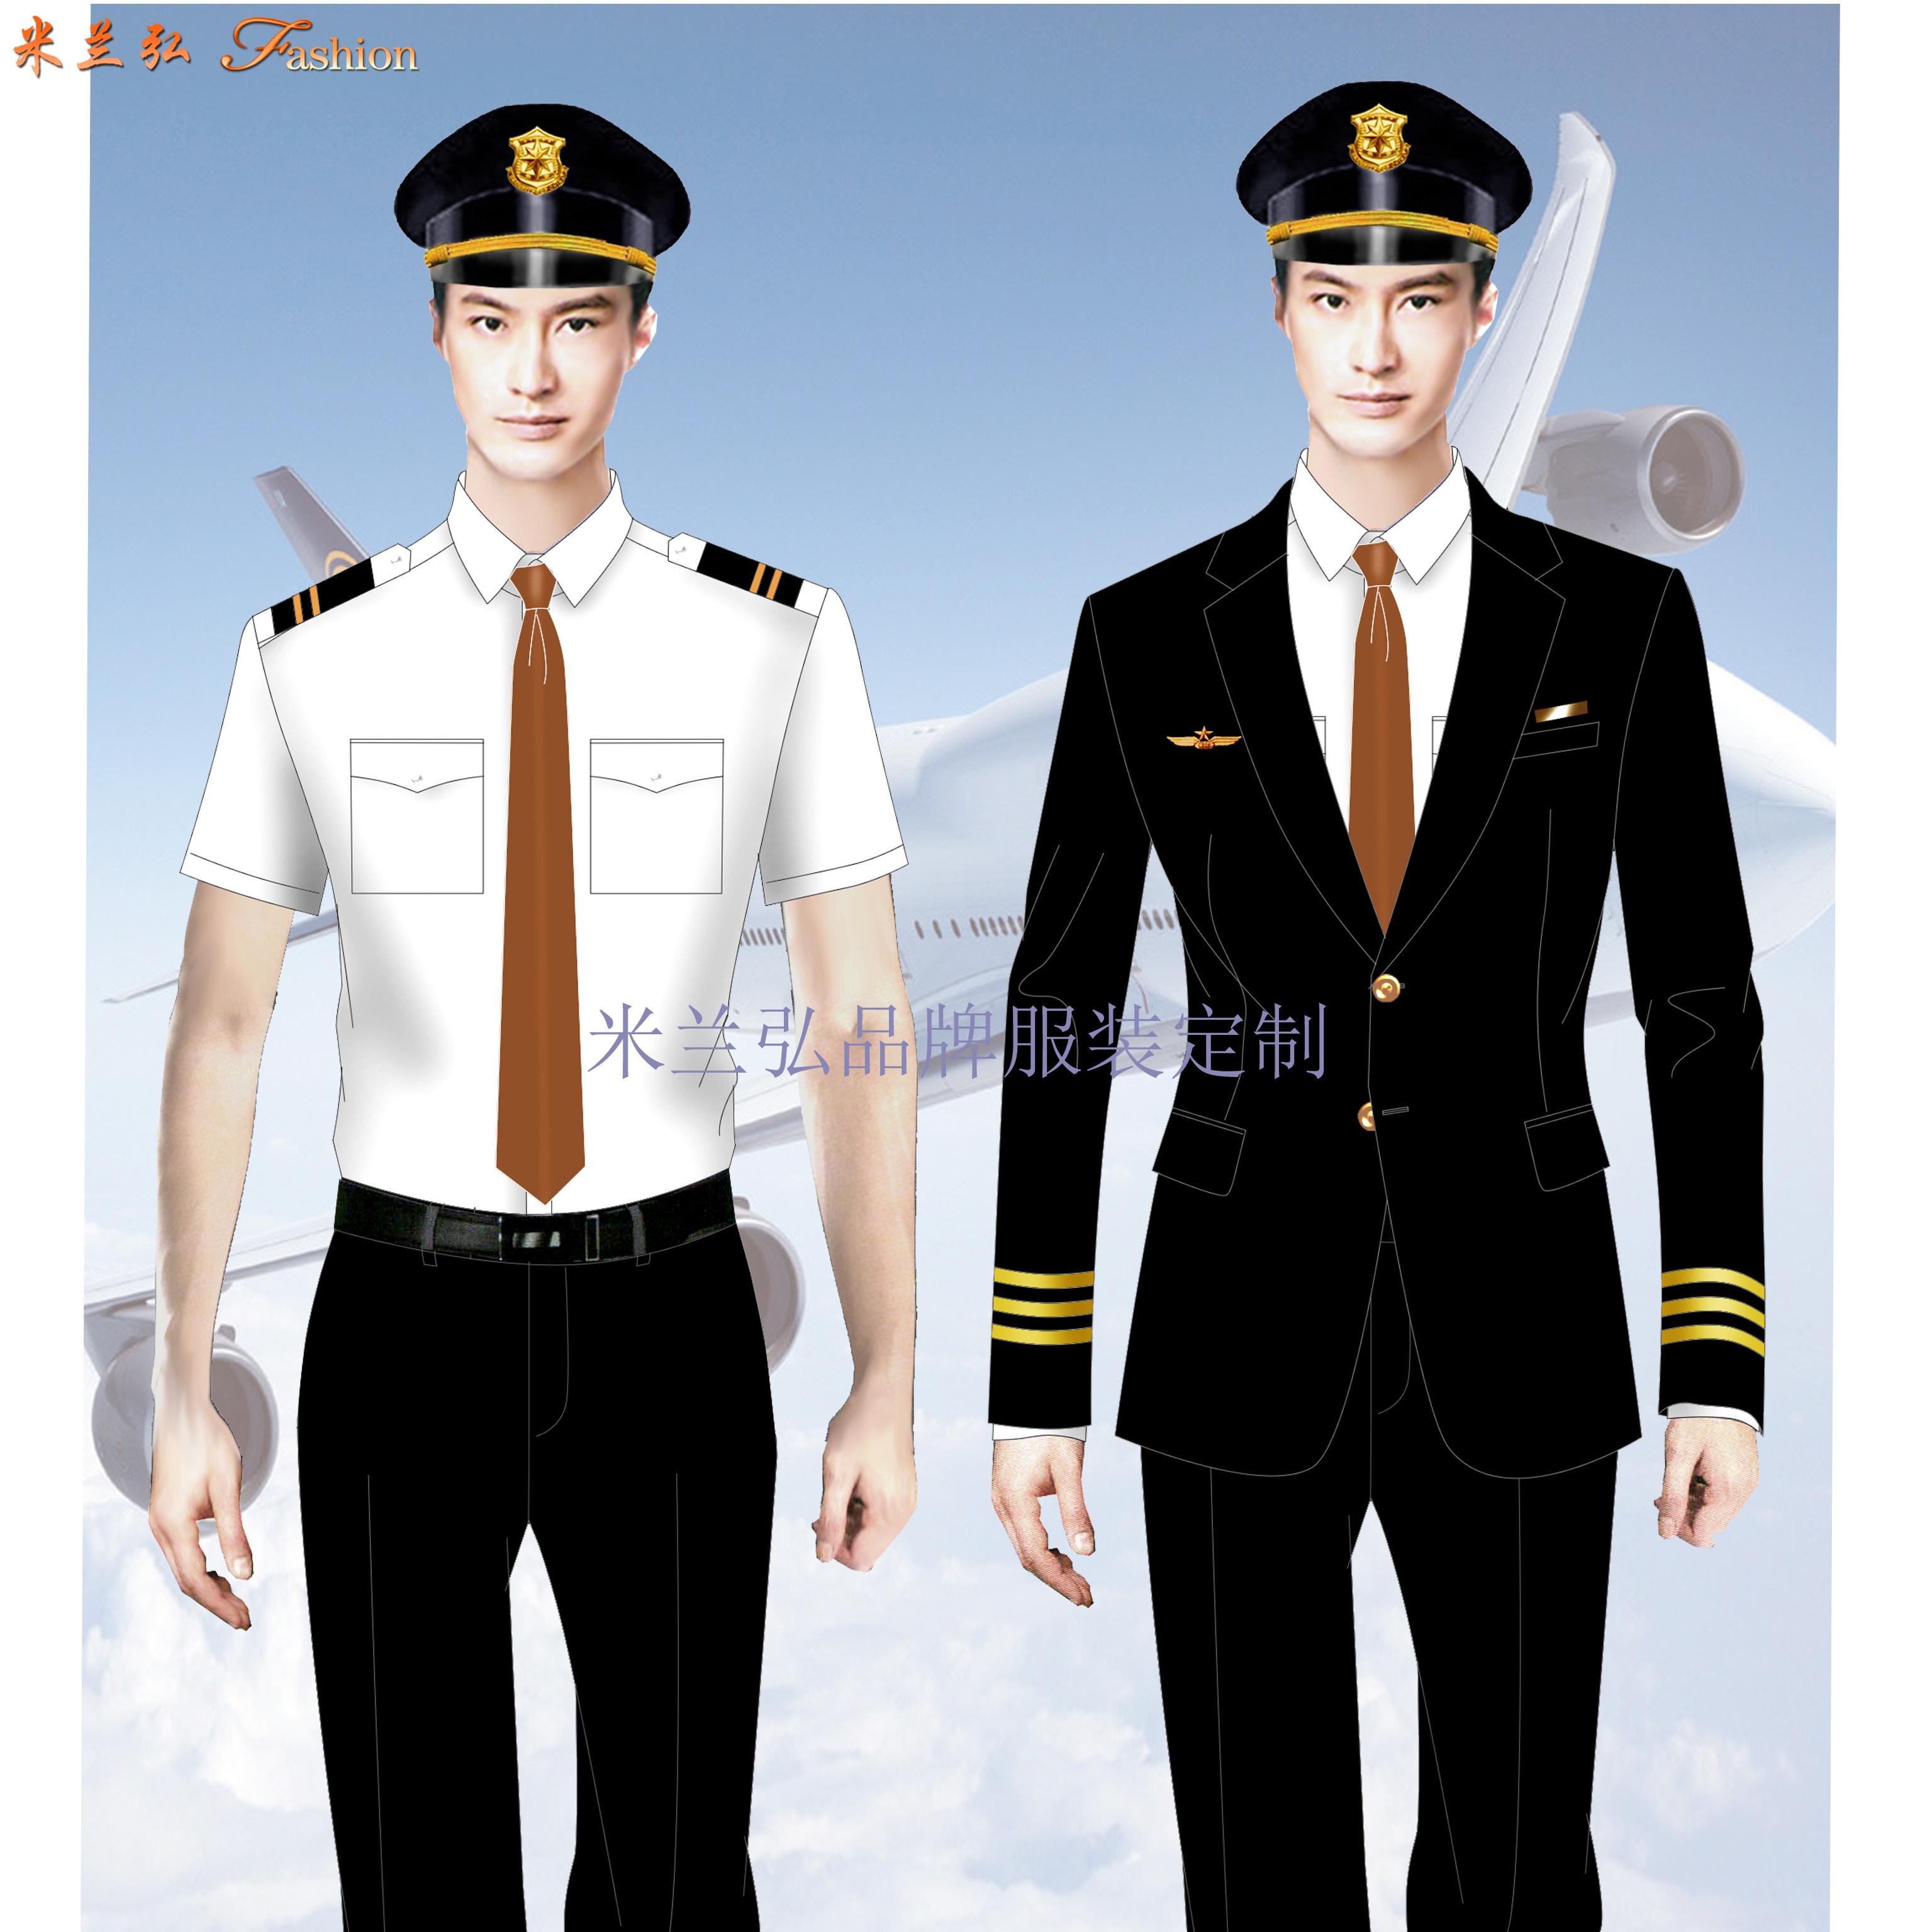 航空機長制服|圖片_價格_參數_面料_尺寸-米蘭弘服裝-5